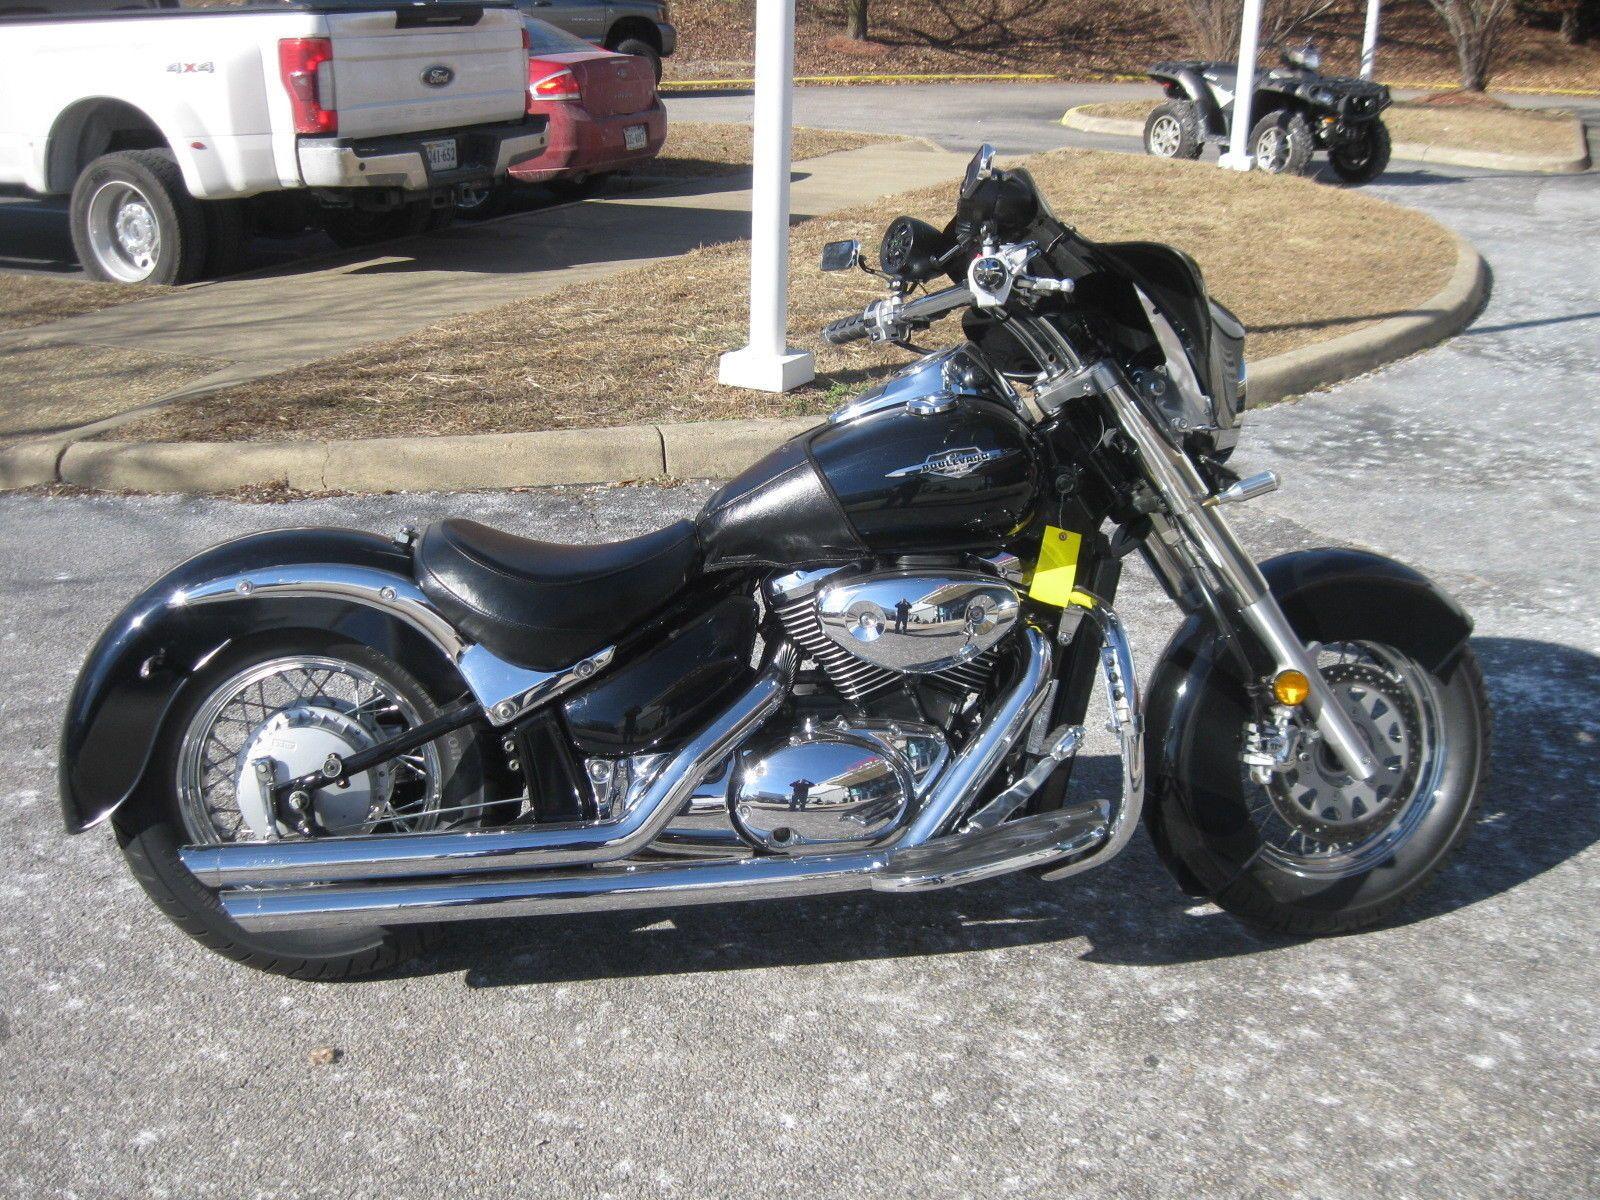 2005 Suzuki Boulevard Suzuki Boulevard Riding Motorcycle Suzuki